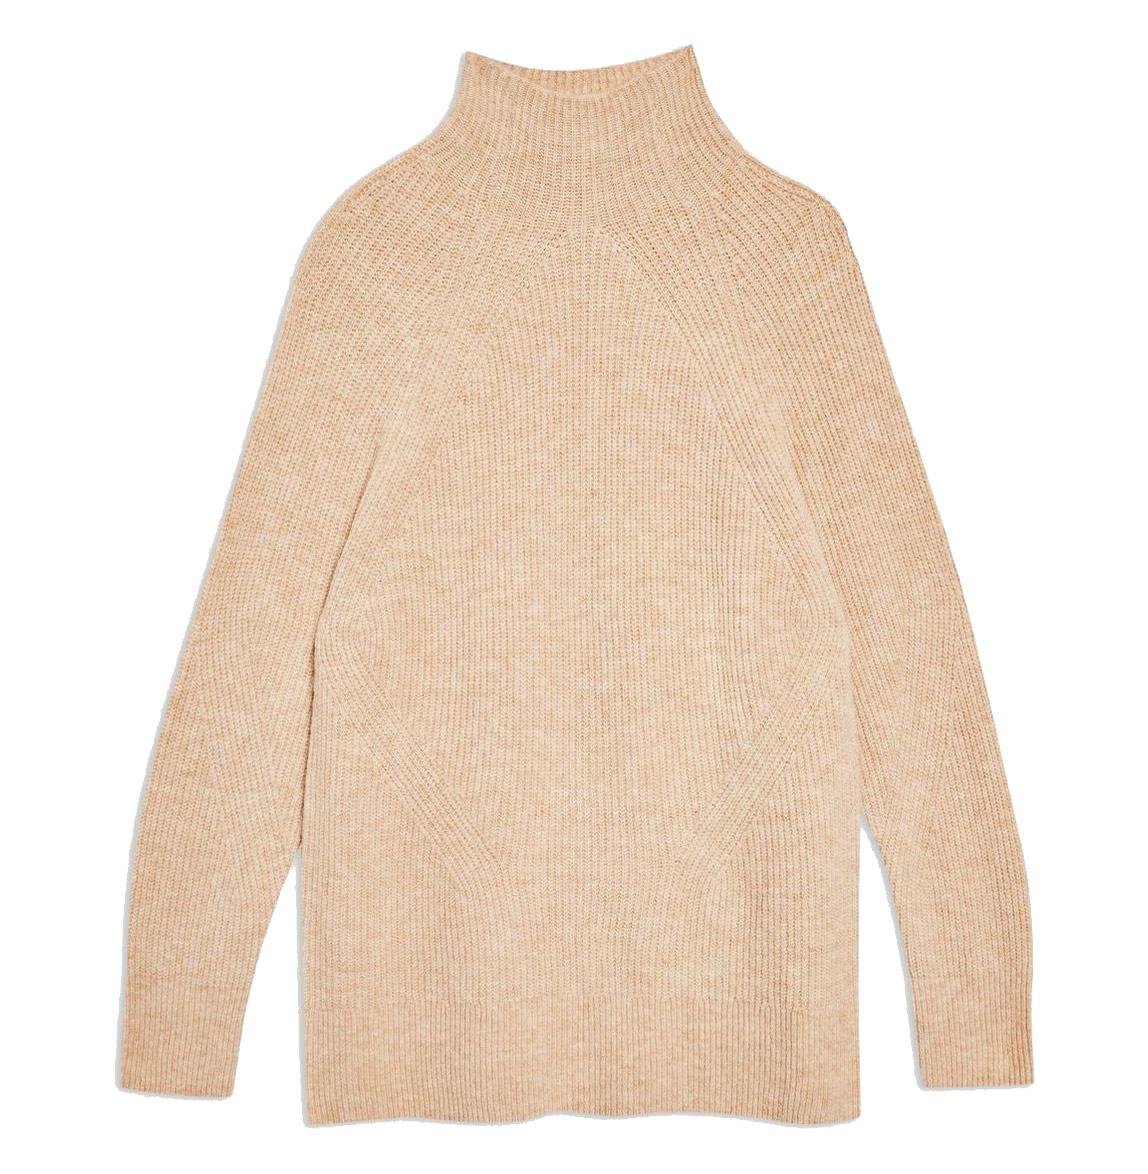 Topshop jumper, £39